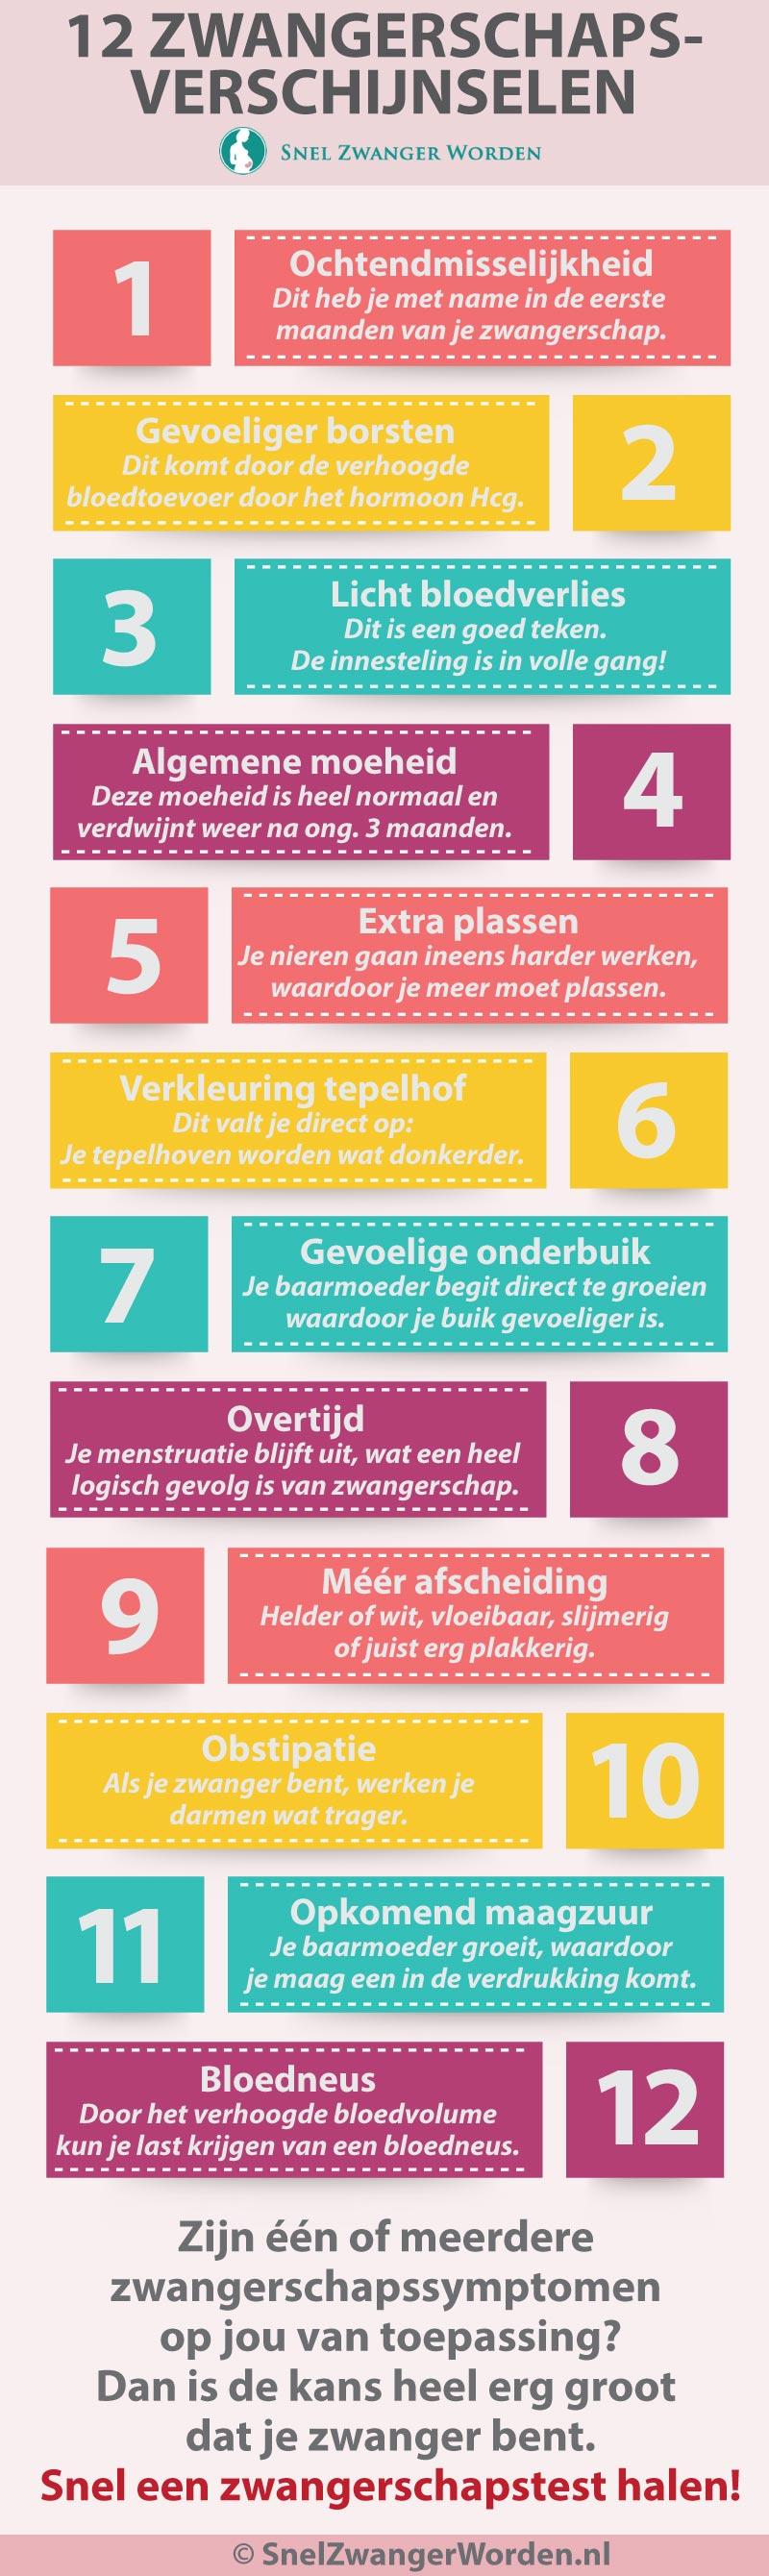 1e zwangerschapssymptomen